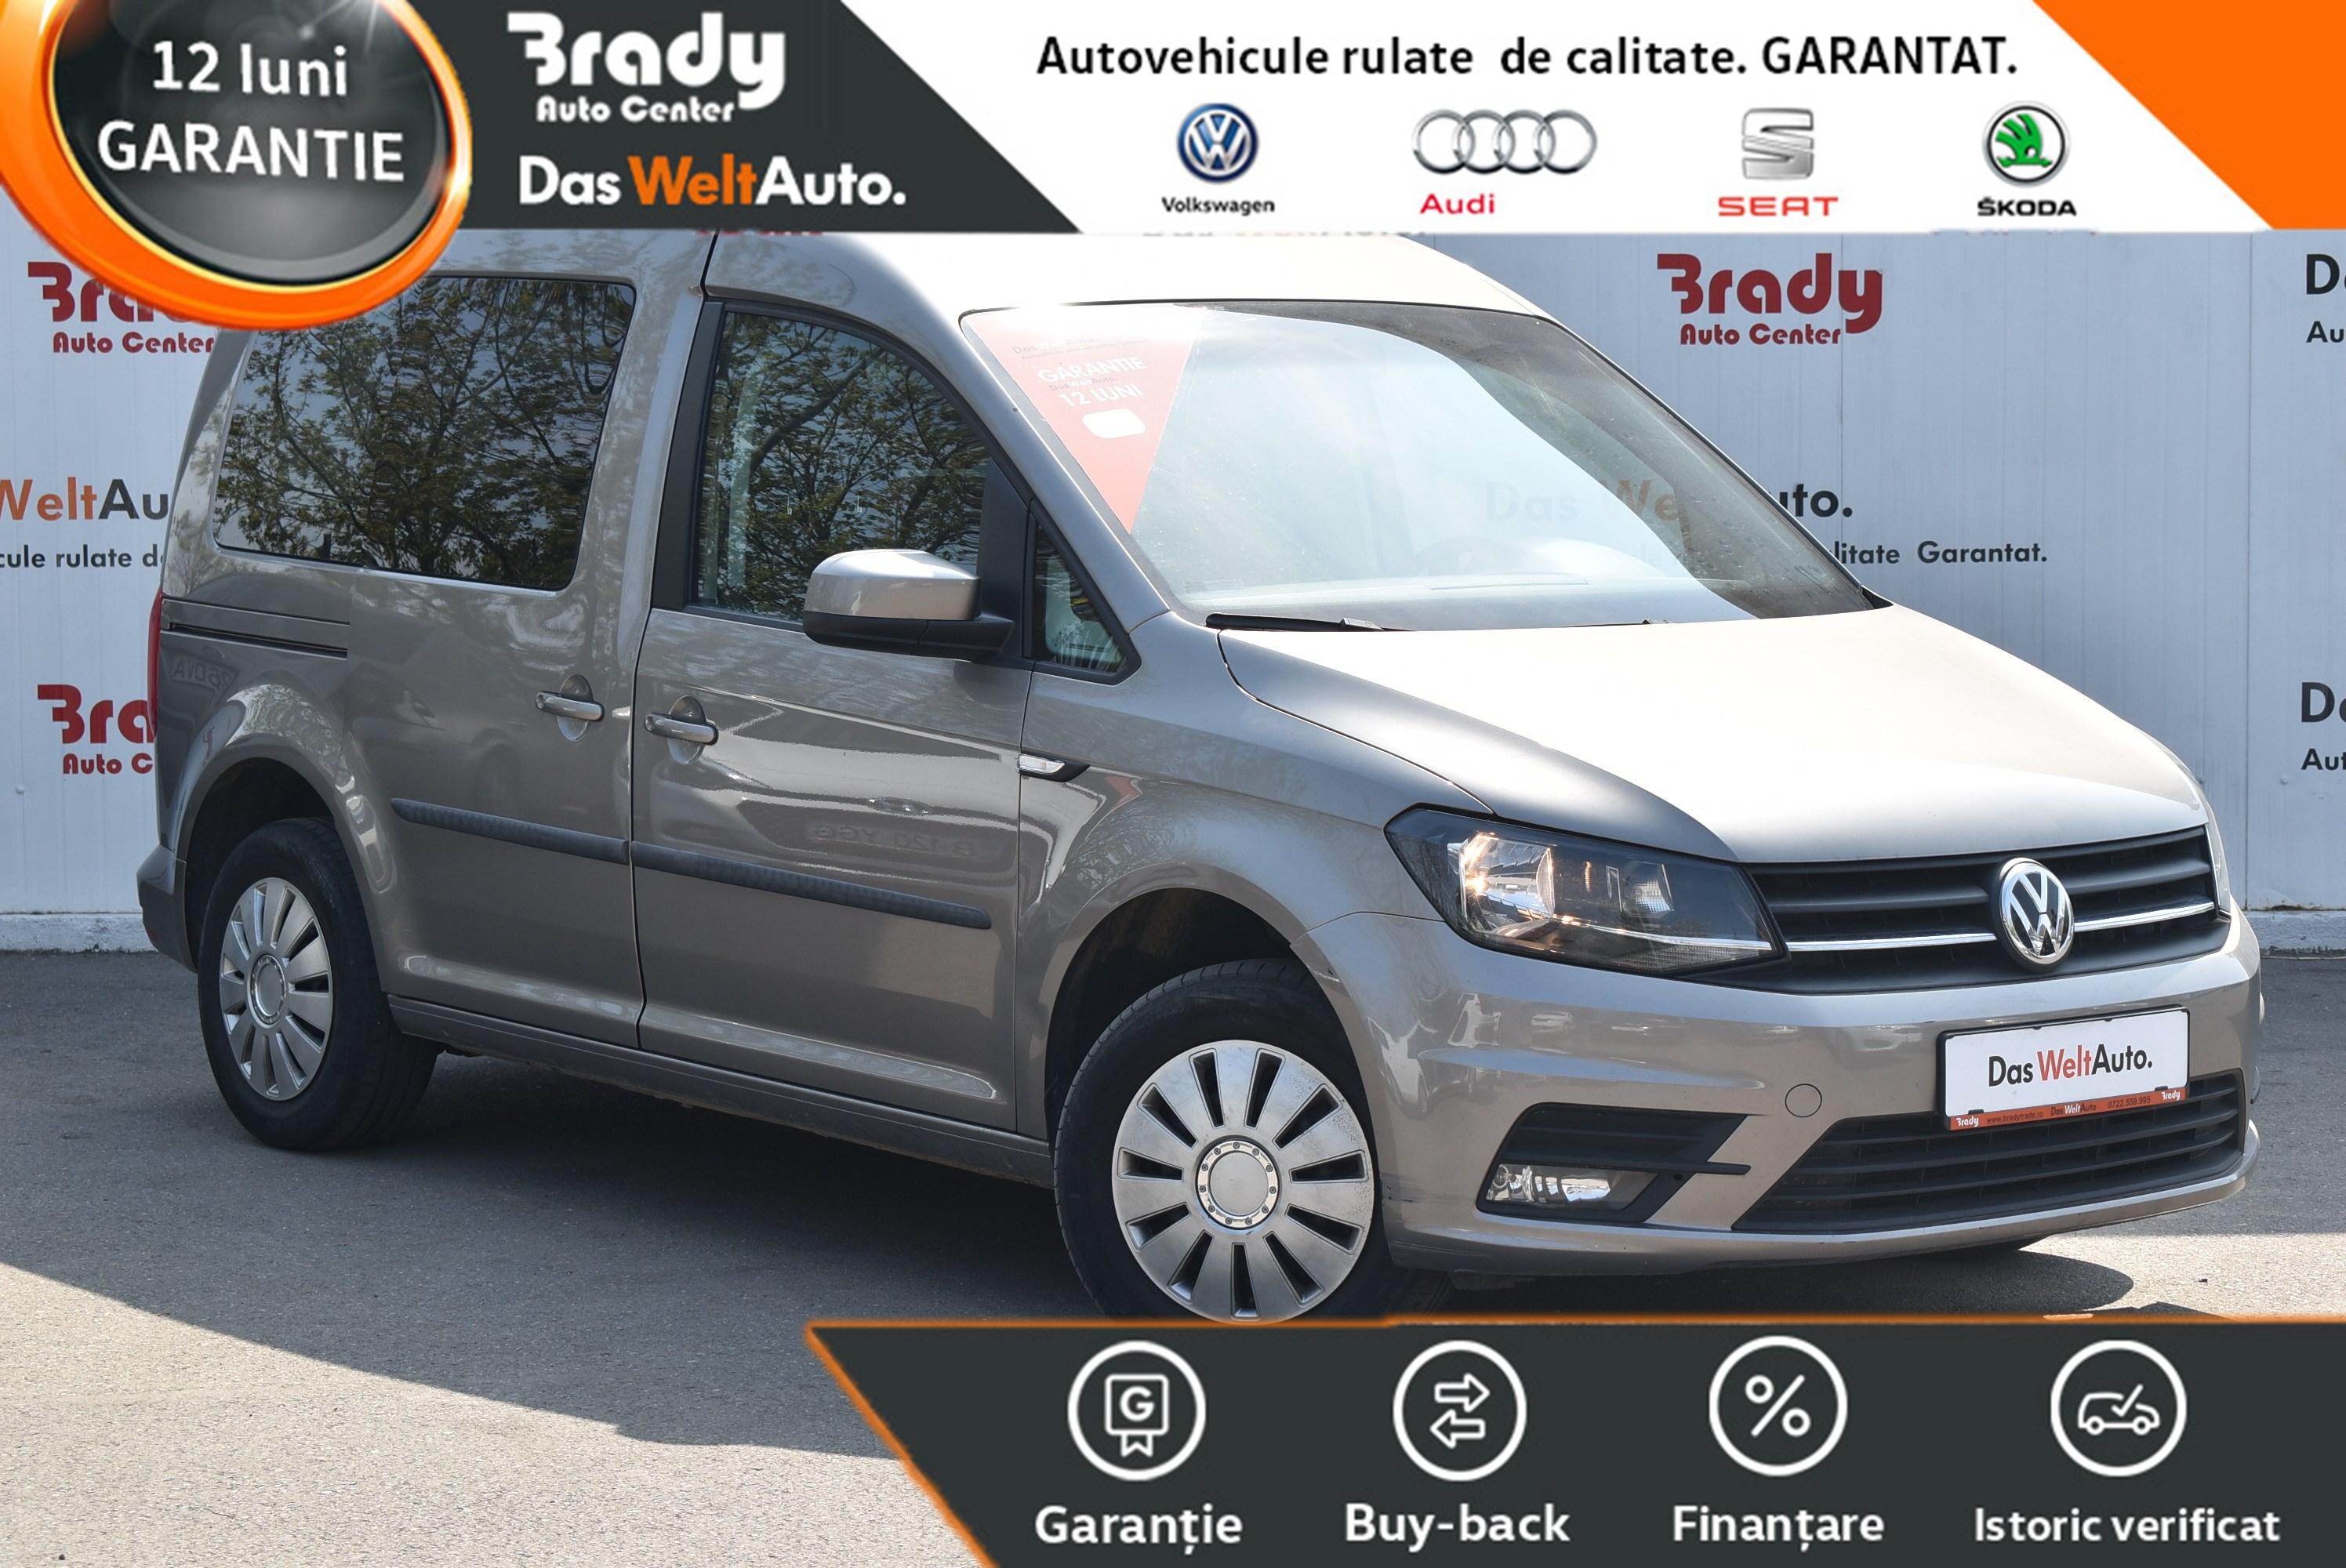 VW Caddy 2.0 TDI /105 CP